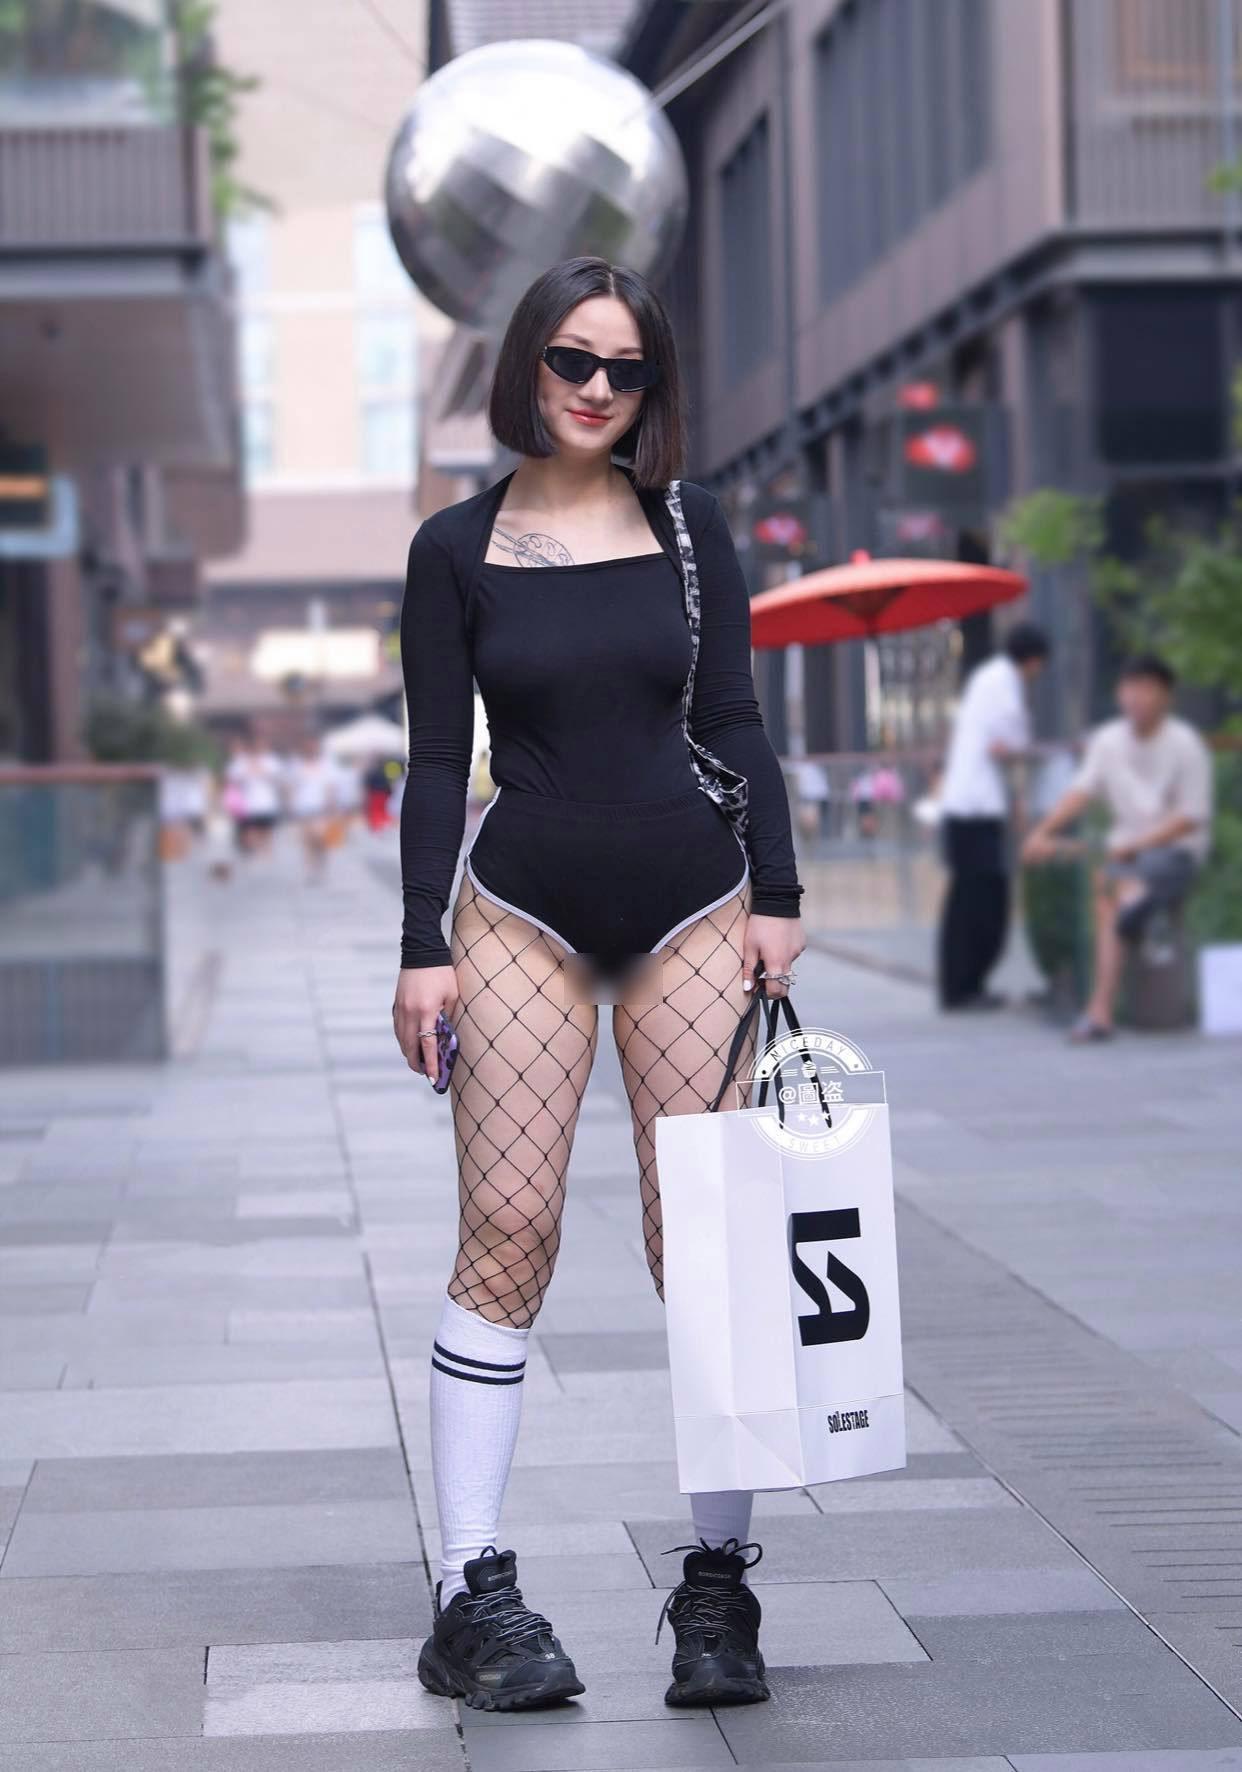 Người đẹp khiến người xung quanh hết hồn khi mặc đồ bơi, tất bó giò ra phố - ảnh 3